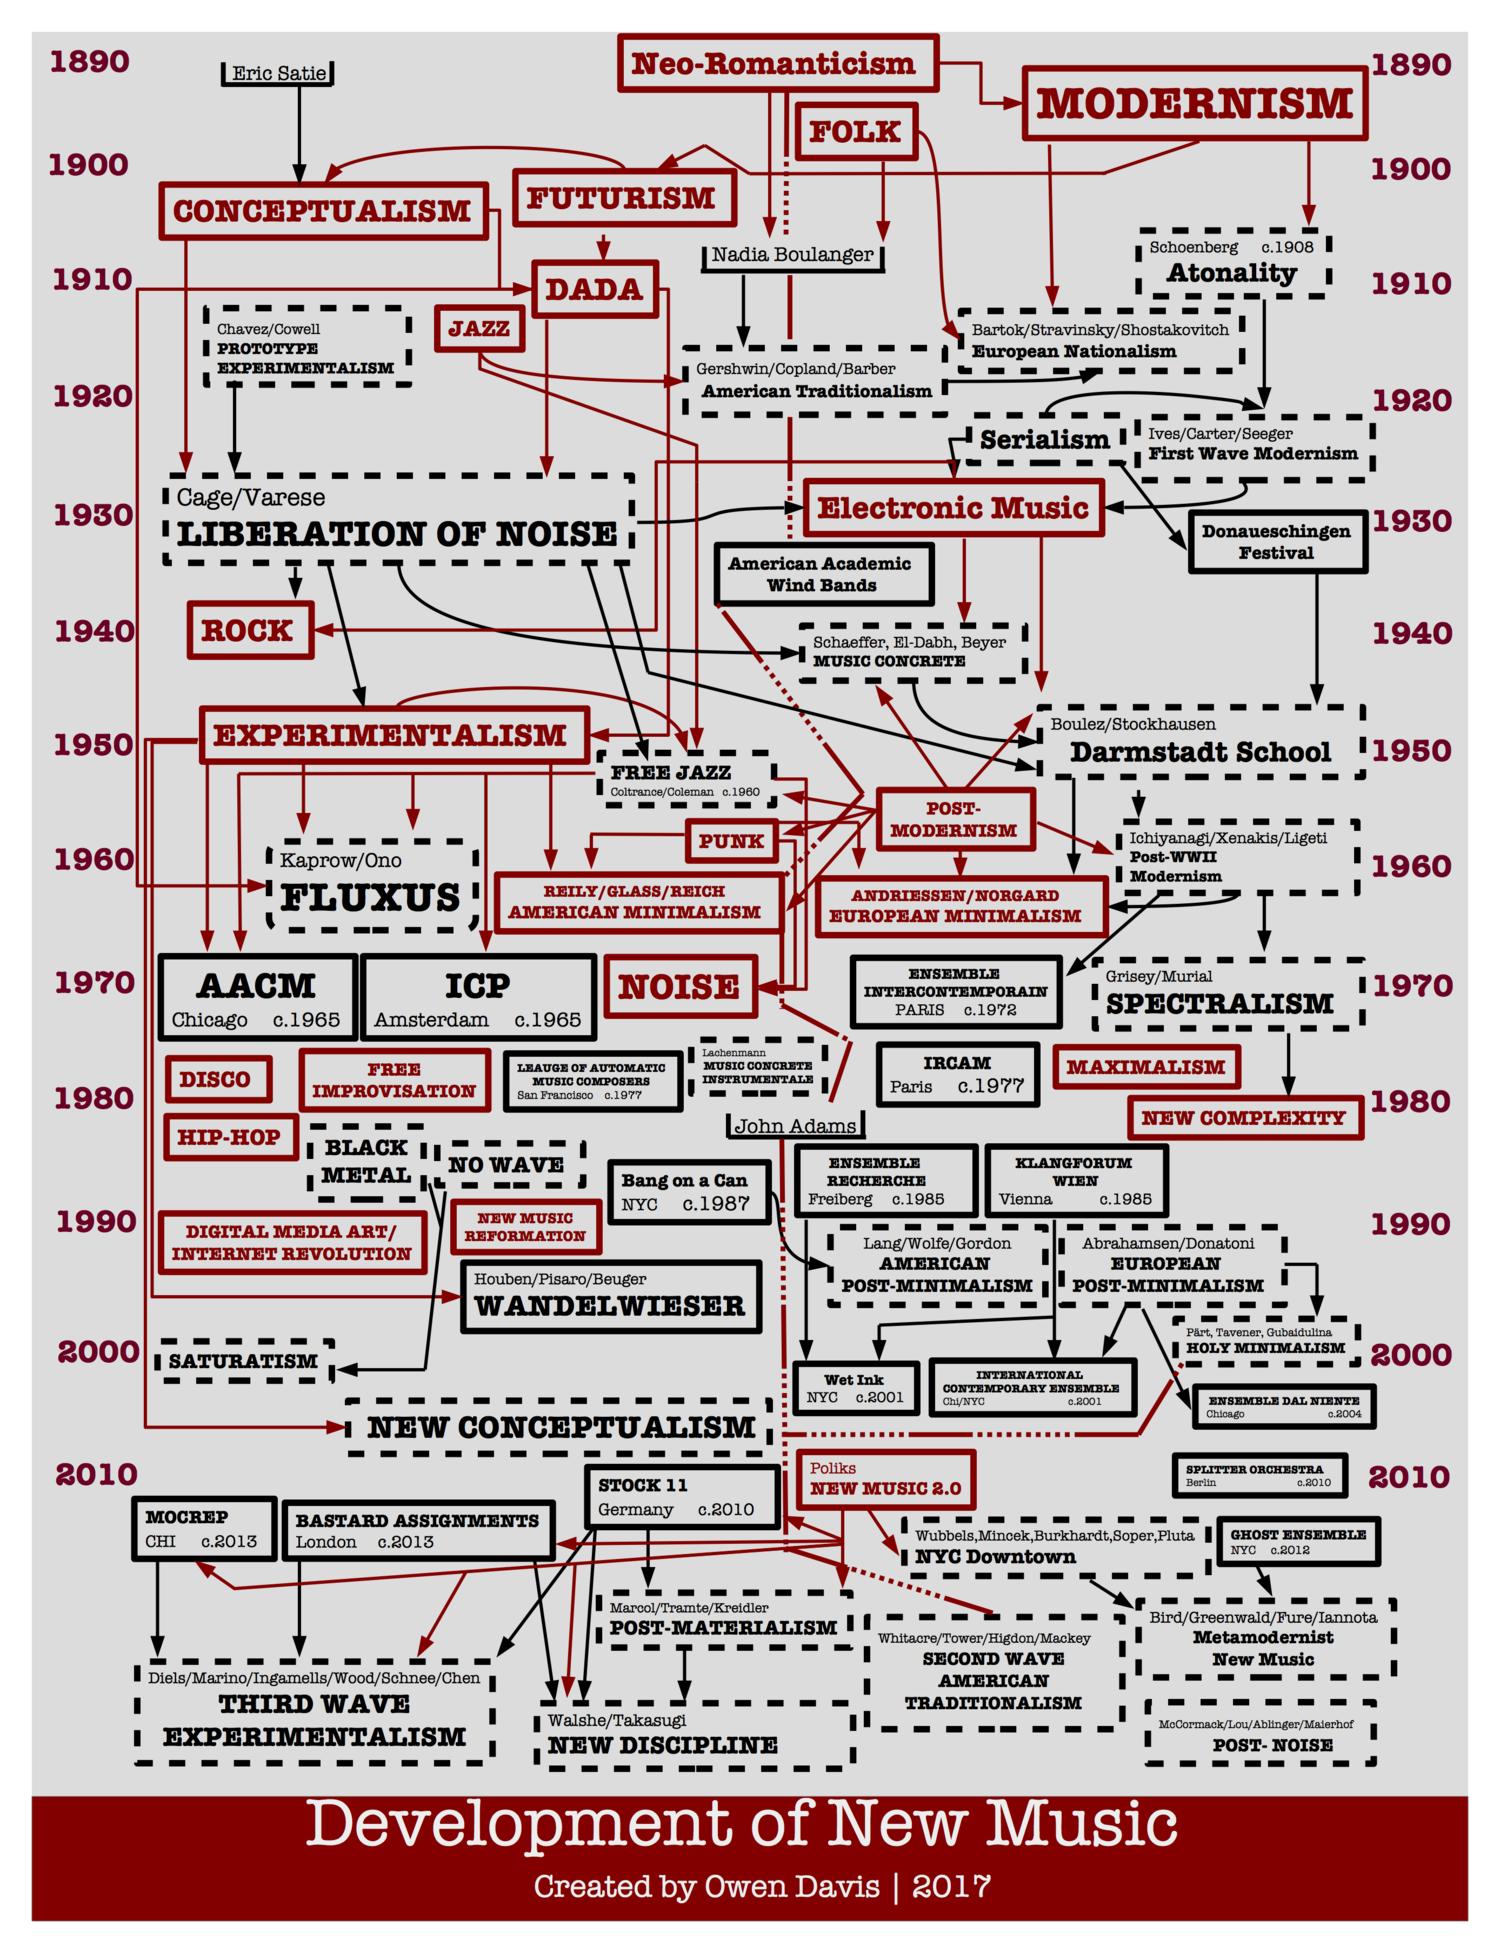 Диаграмма развития новой музыки